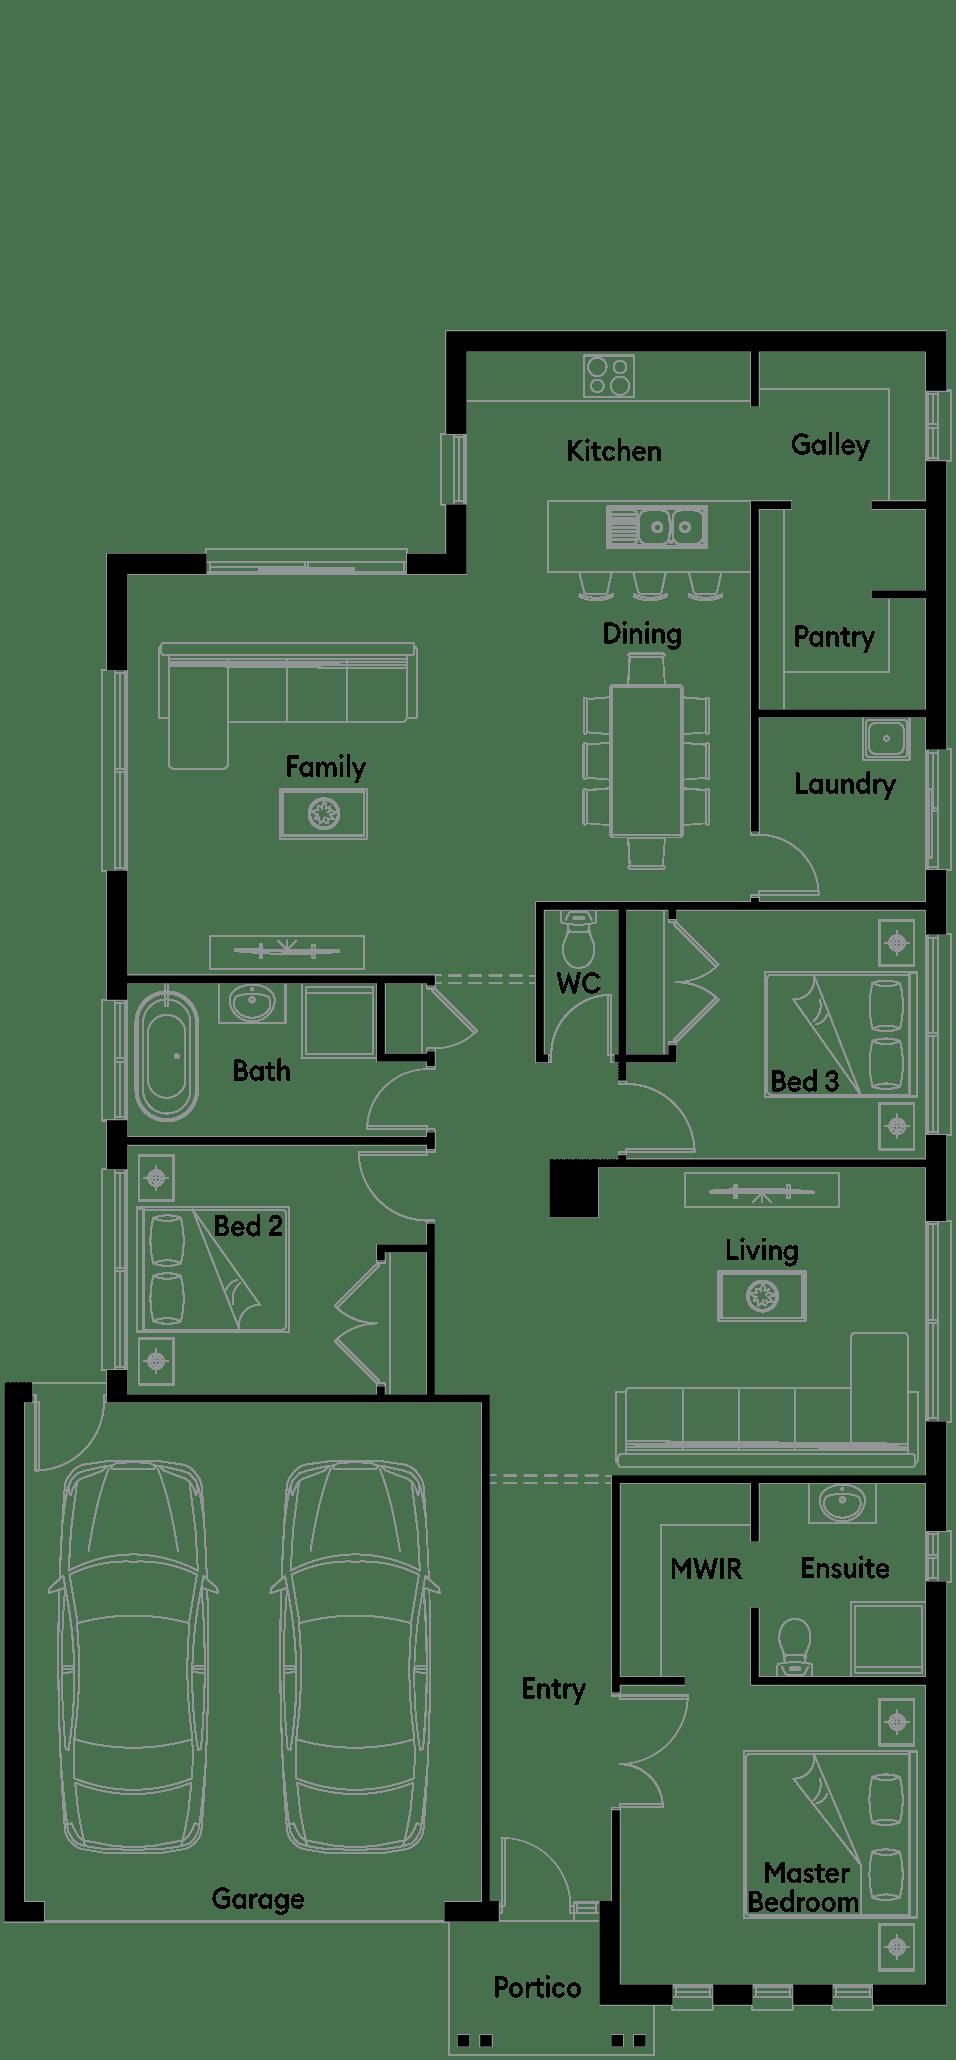 FloorPlan1_HOUSE763_Midland_21-10